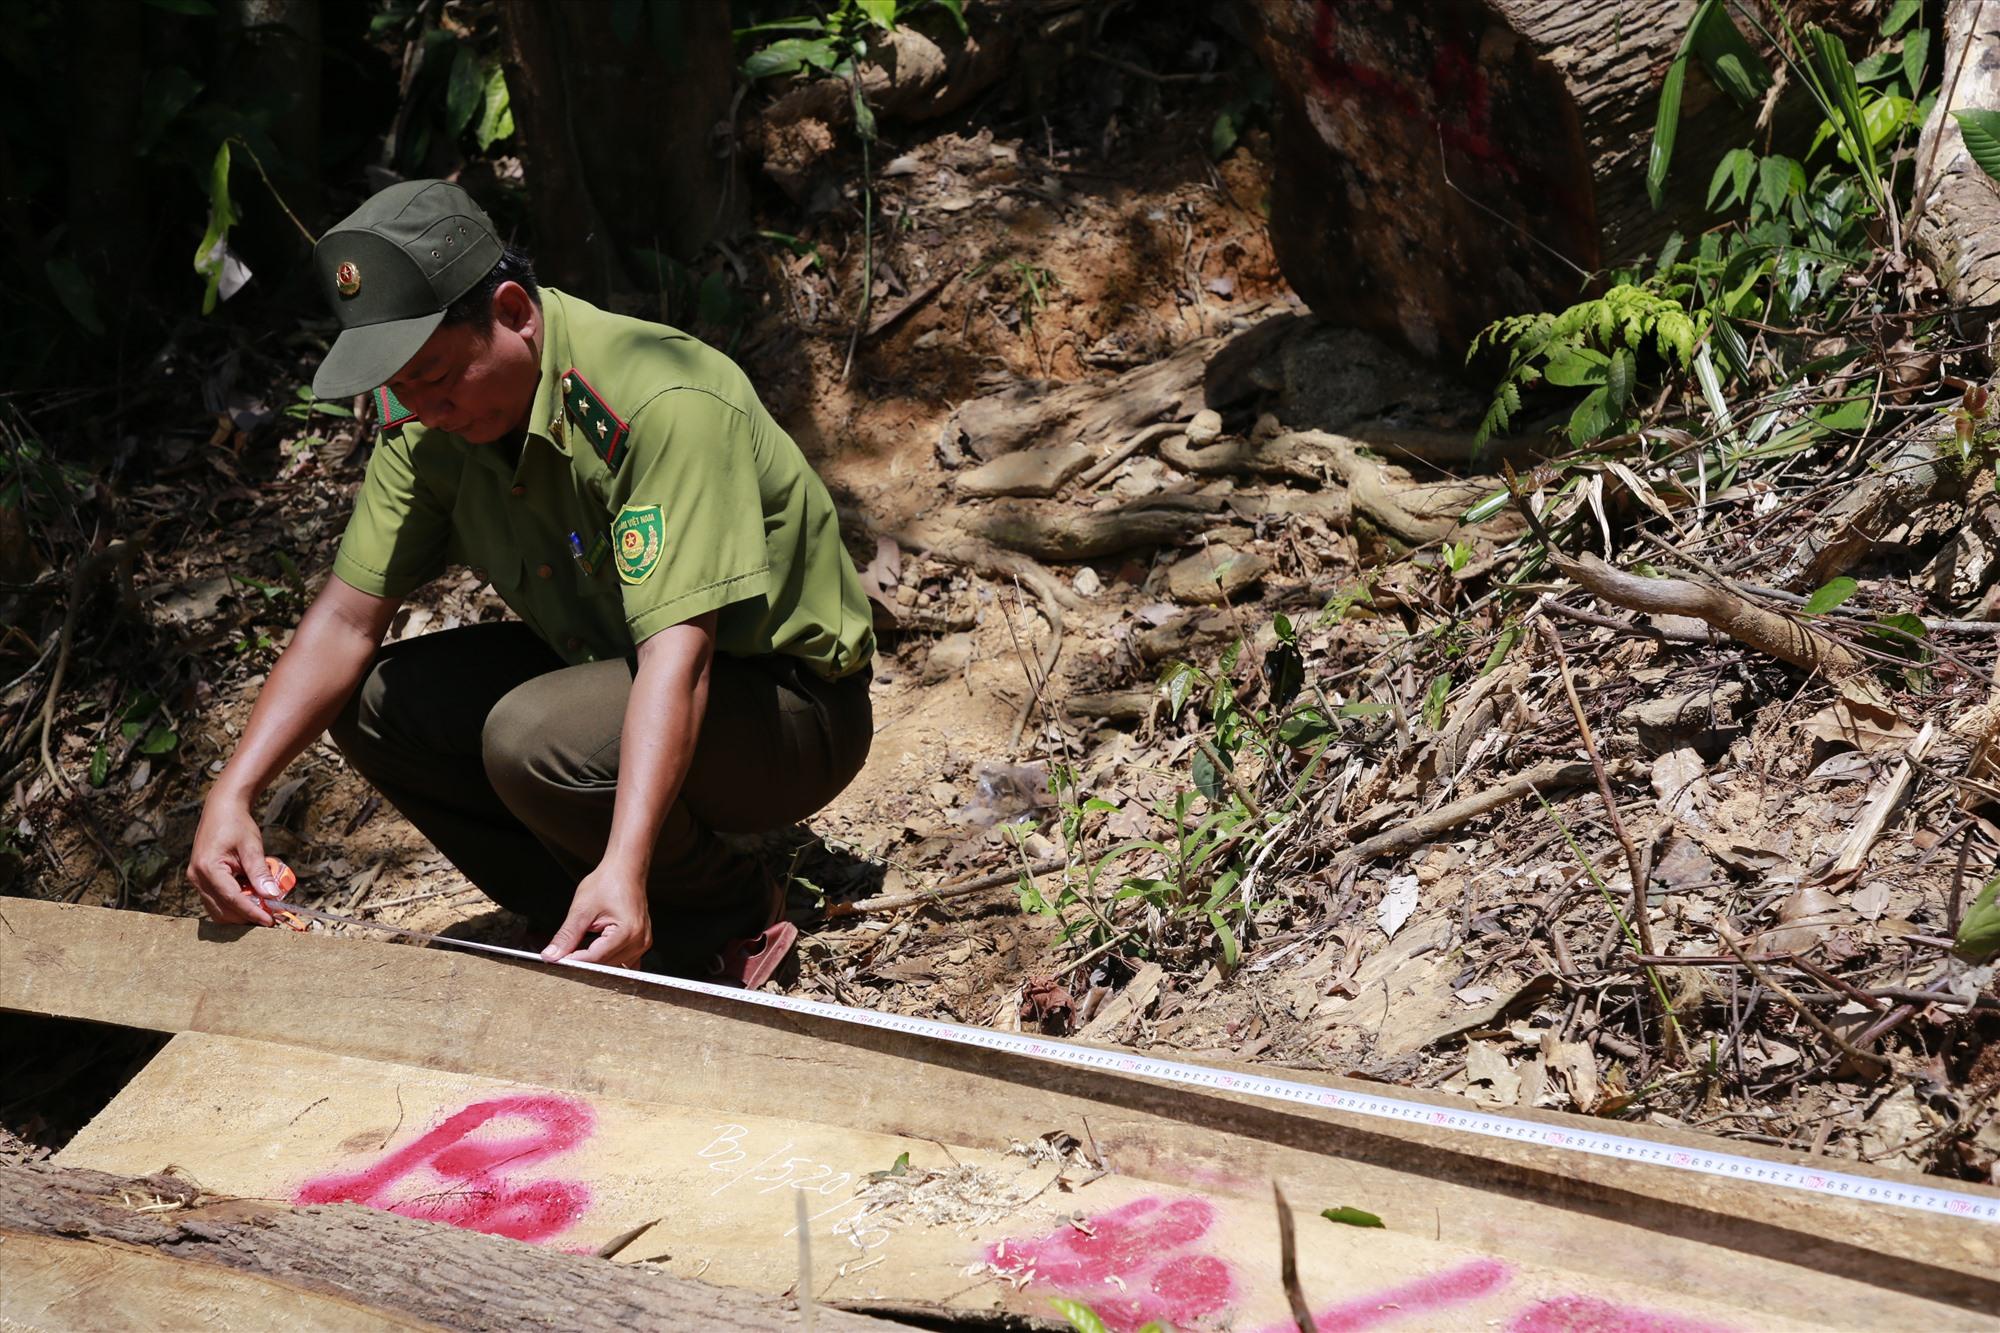 Cơ quan chức năng kiểm đếm, đo đạc số cây gỗ bị chặt hạ. Ảnh: T.C